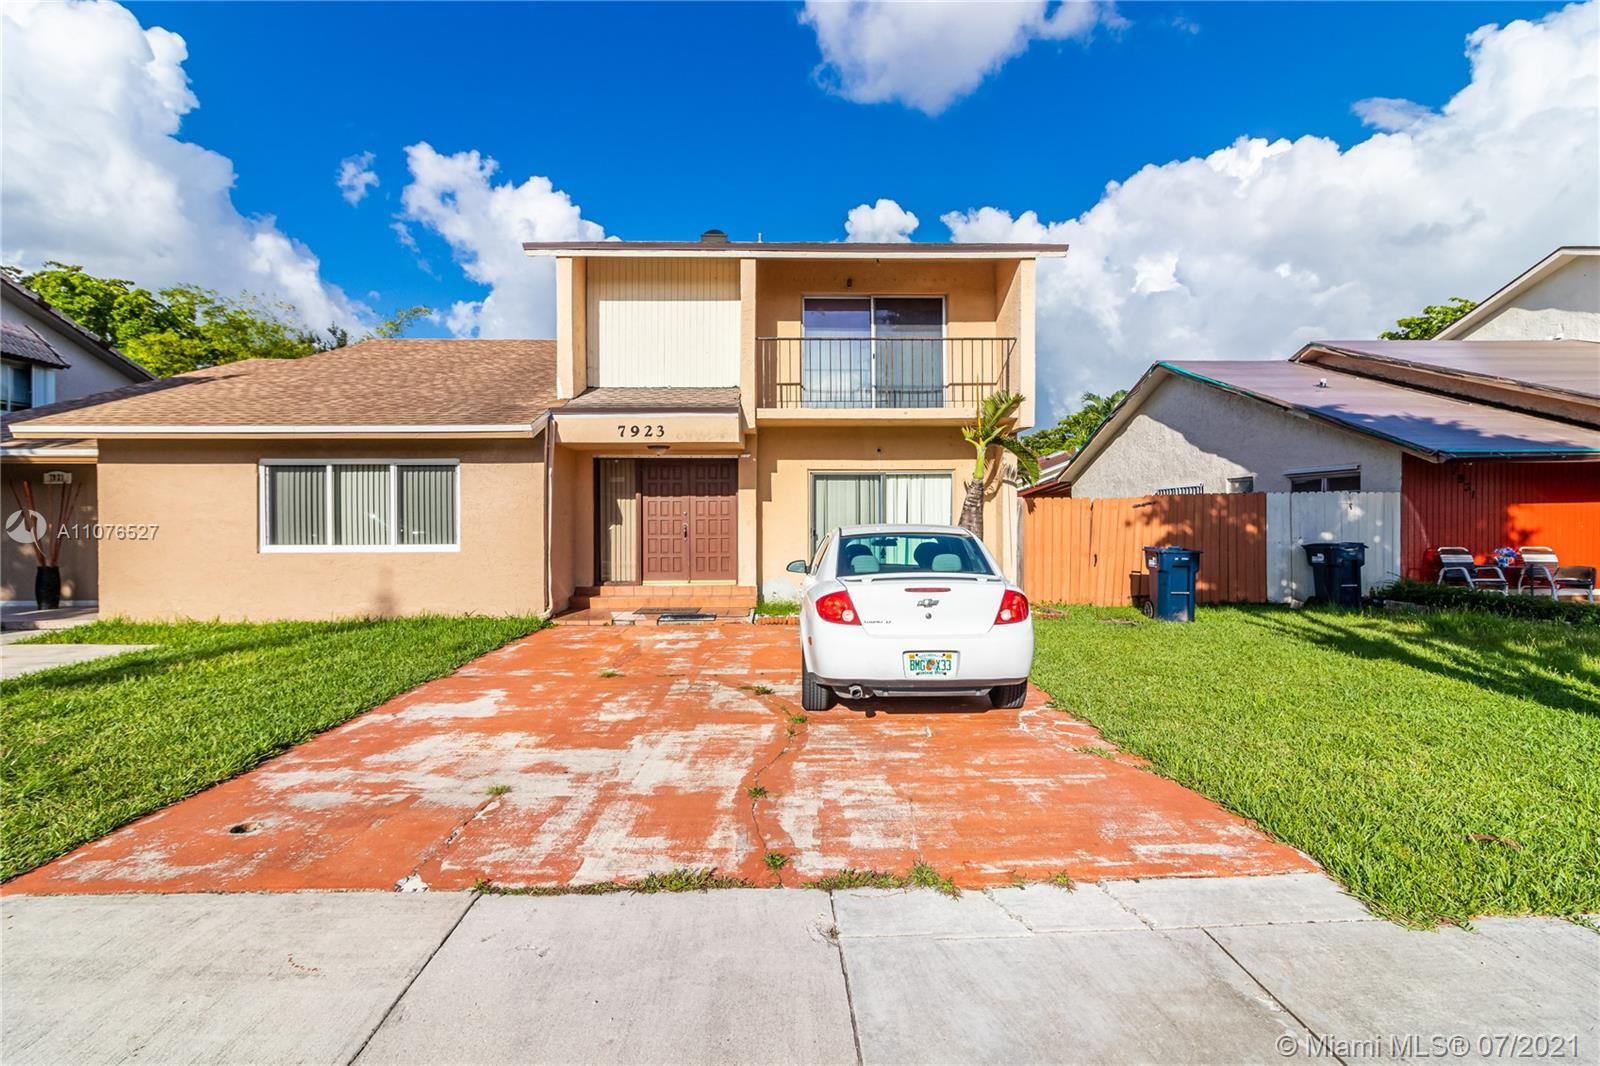 7923 SW 148th Ave, Miami, FL 33193 - #: A11076527